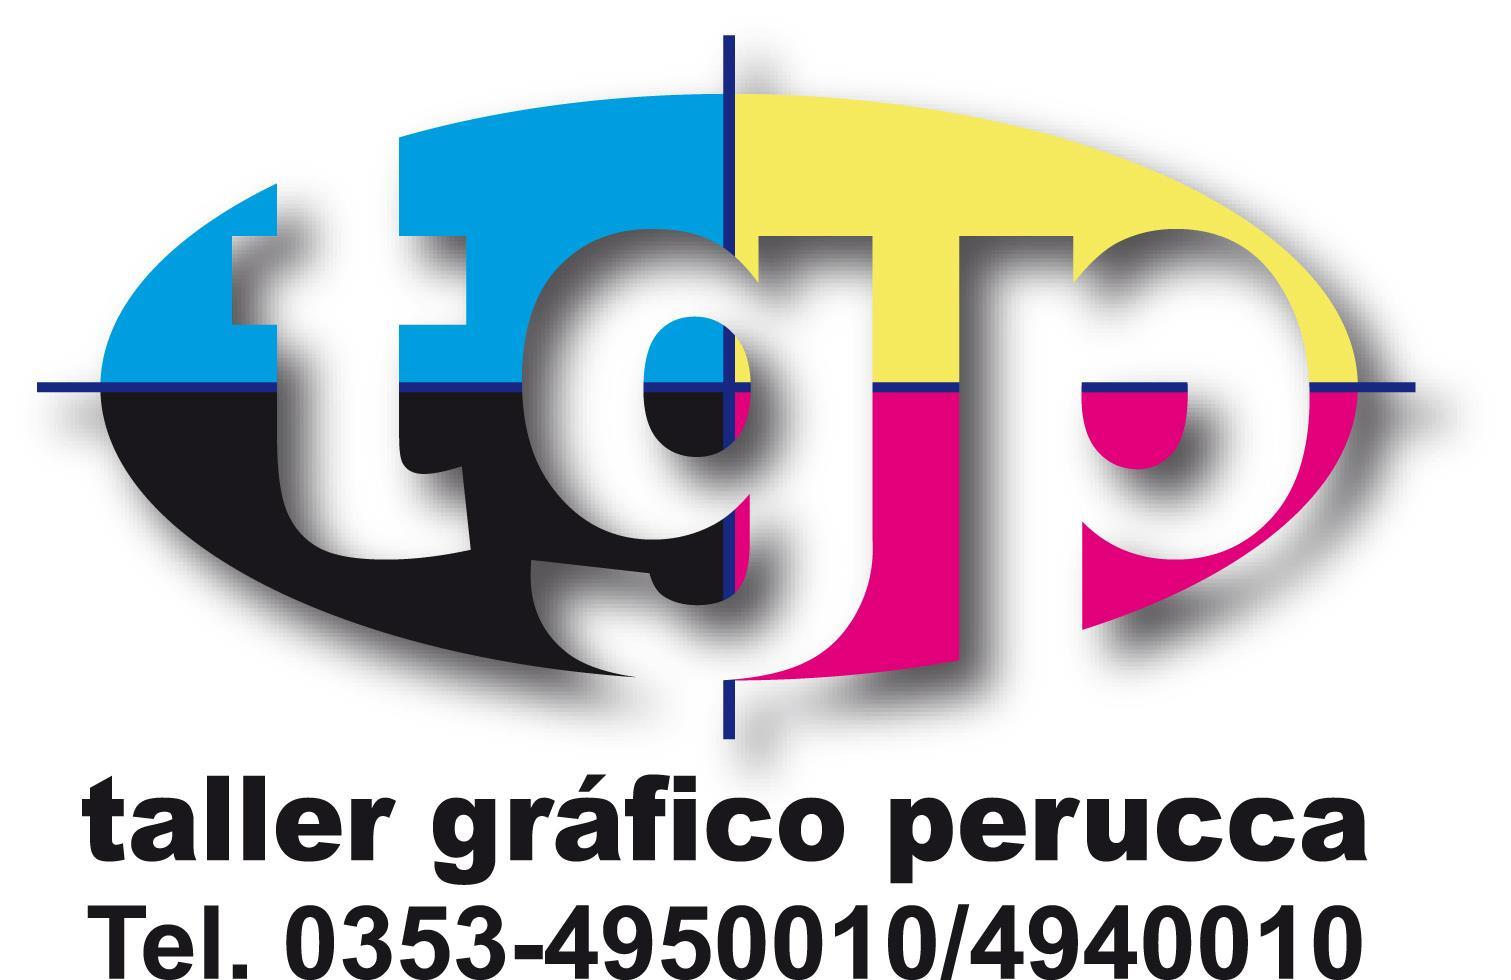 Taller Grafico Perucca